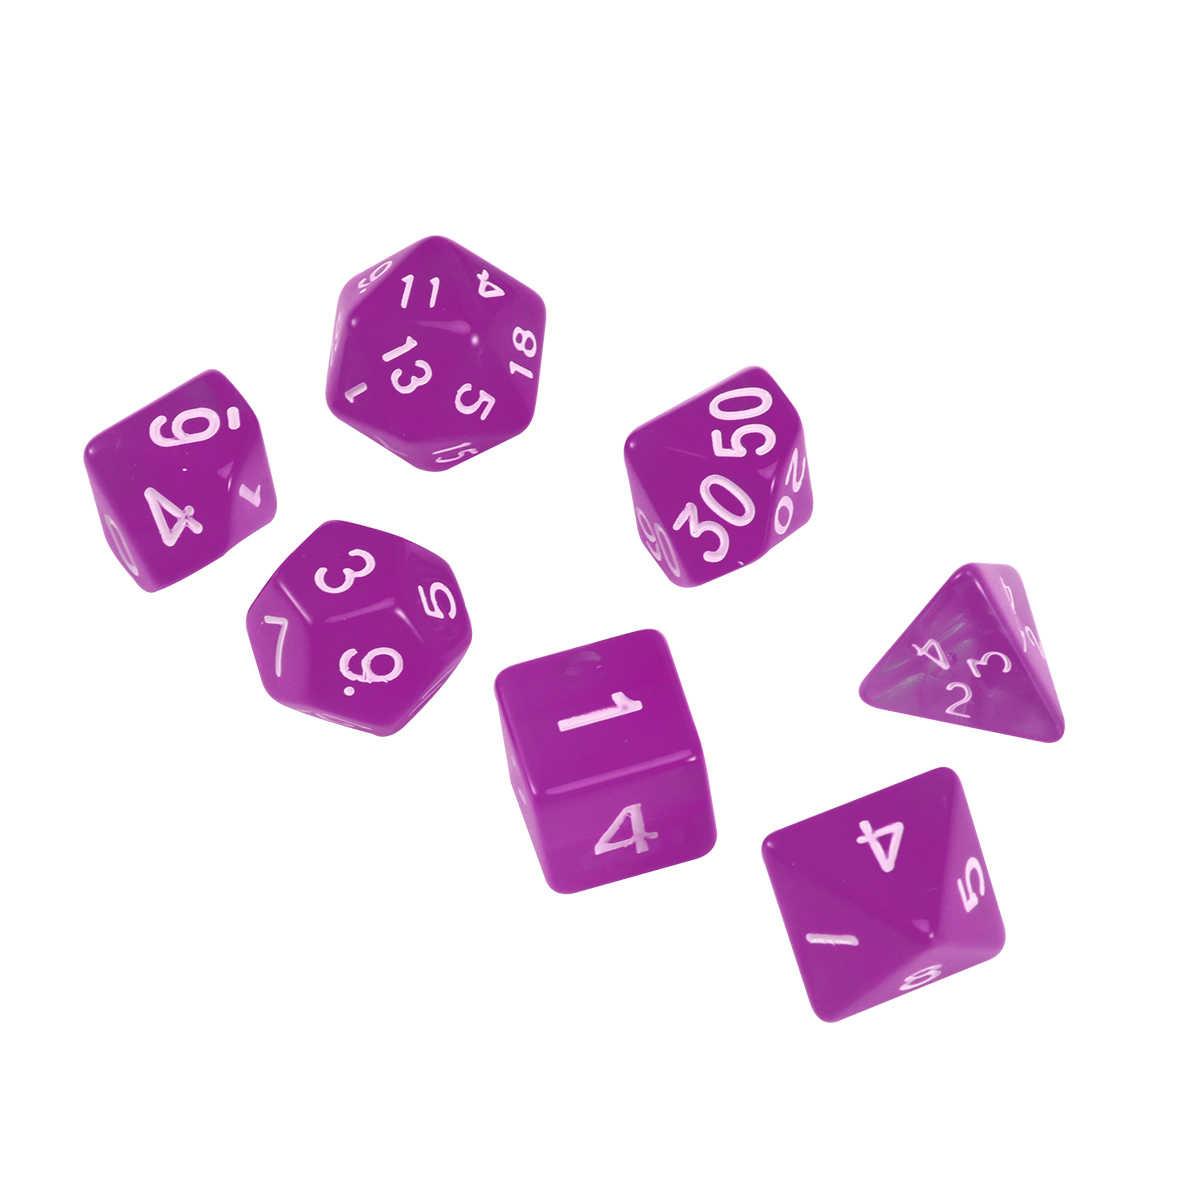 20 dados de jogo de face d20 dados poliédricos para masmorras e dragões jogos de mesa (roxo)